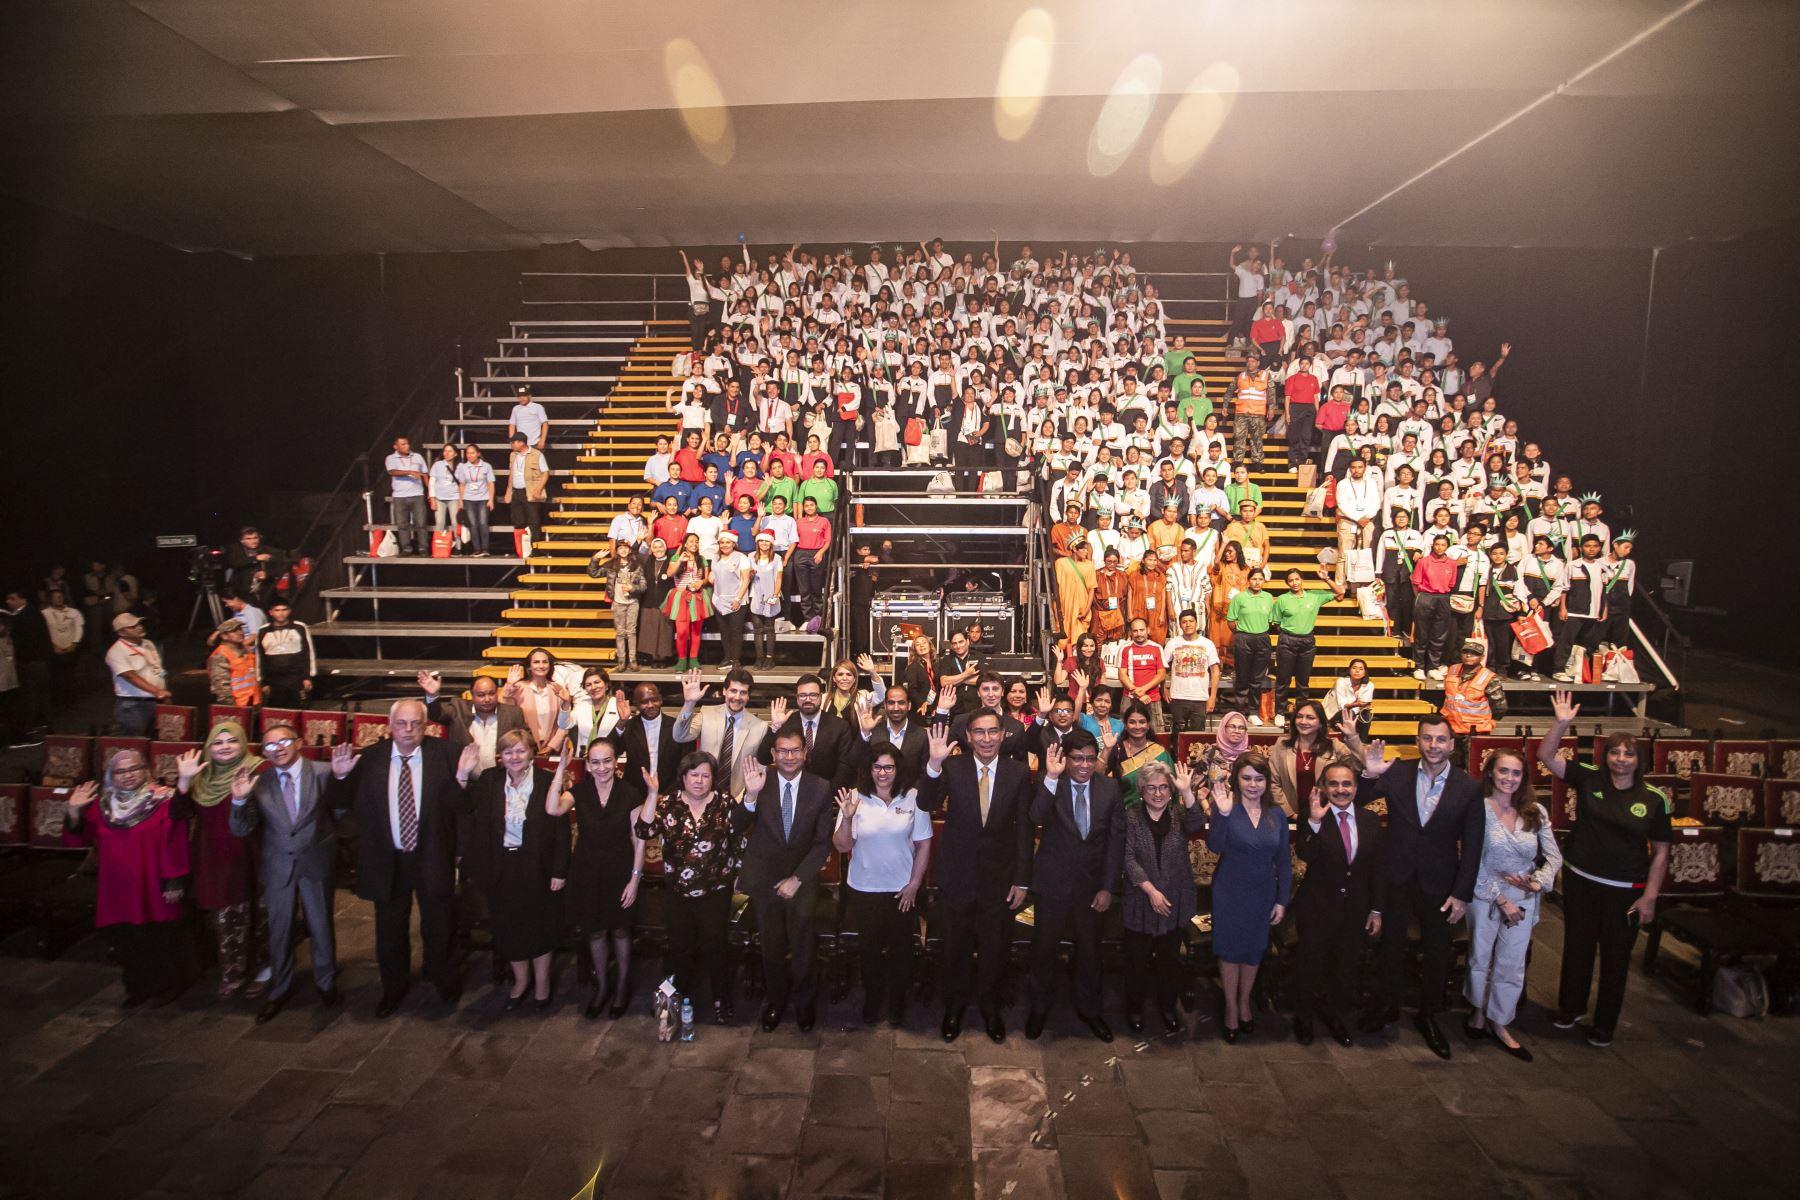 """El presidente Martín Vizcarra participó en la feria multisectorial """"Mundo de ilusiones"""", iniciativa que promueve cultura, conocimiento y el desarrollo de valores en niños y adolescentes en condición de vulnerabilidad.Foto: ANDINA/Prensa Presidencia"""